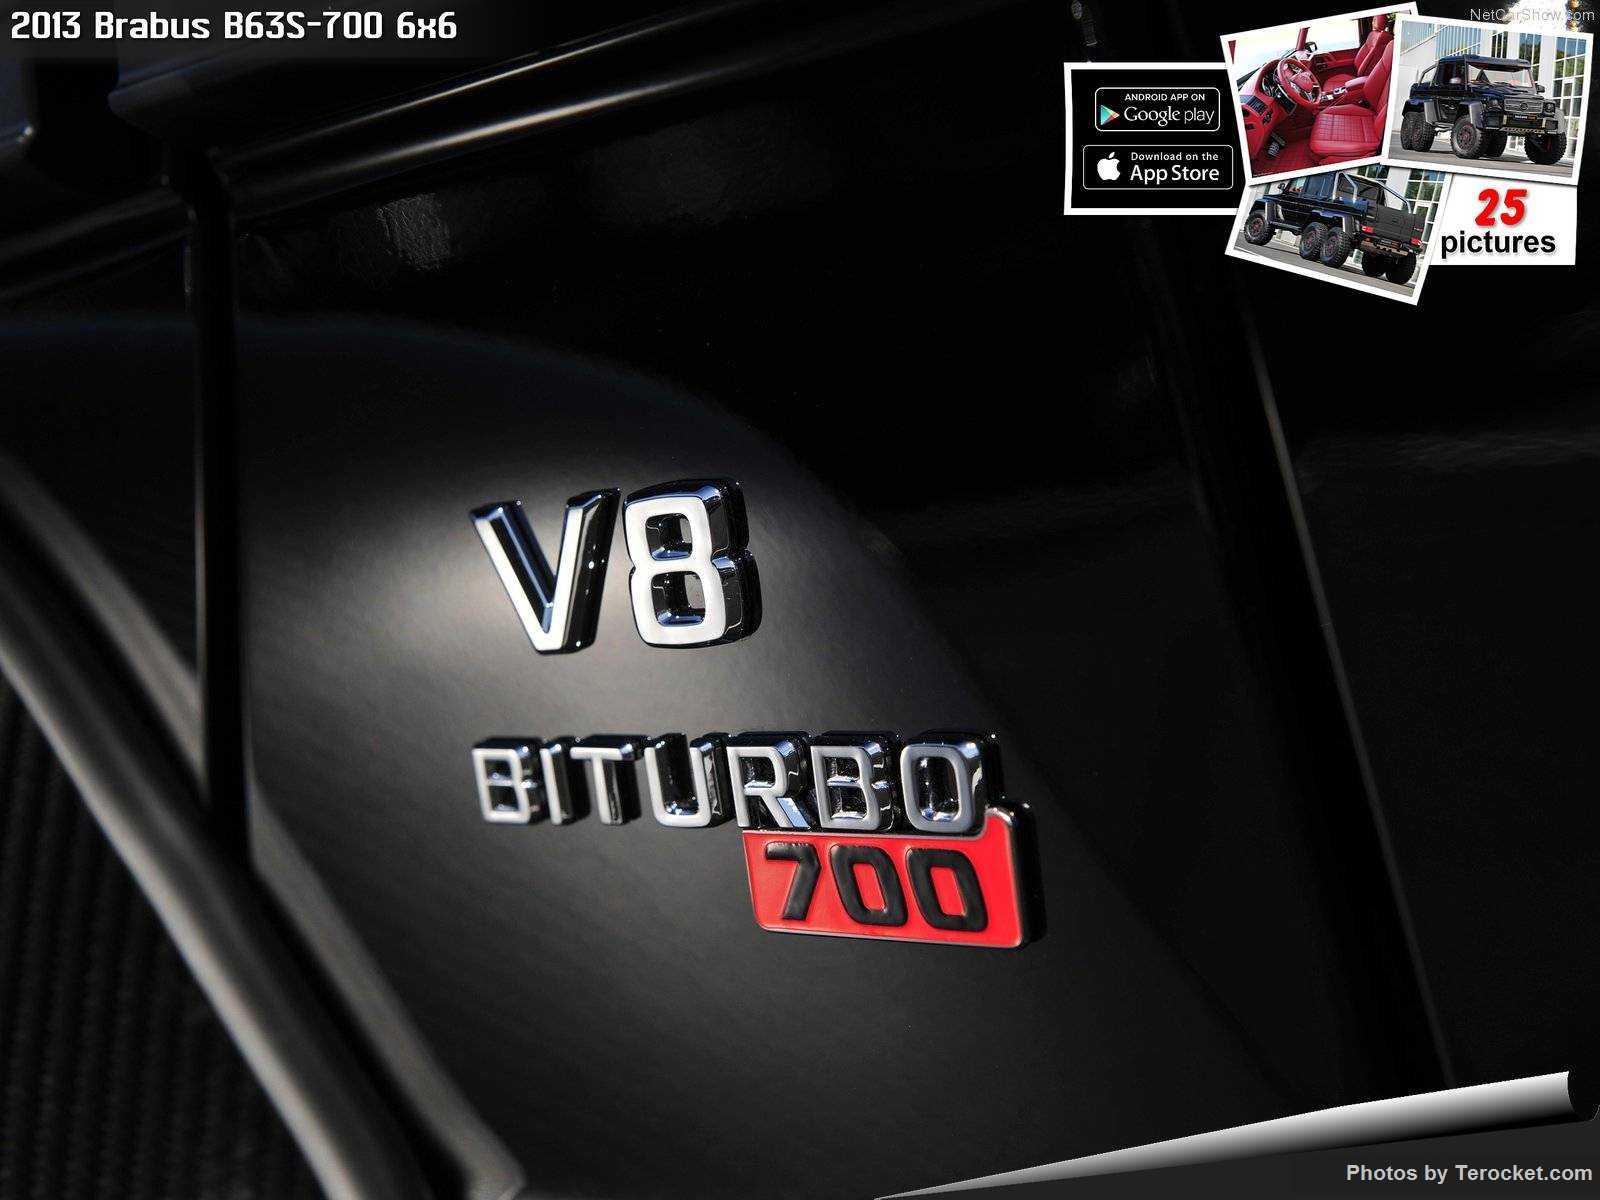 Hình ảnh xe ô tô Brabus B63S-700 6x6 2013 & nội ngoại thất